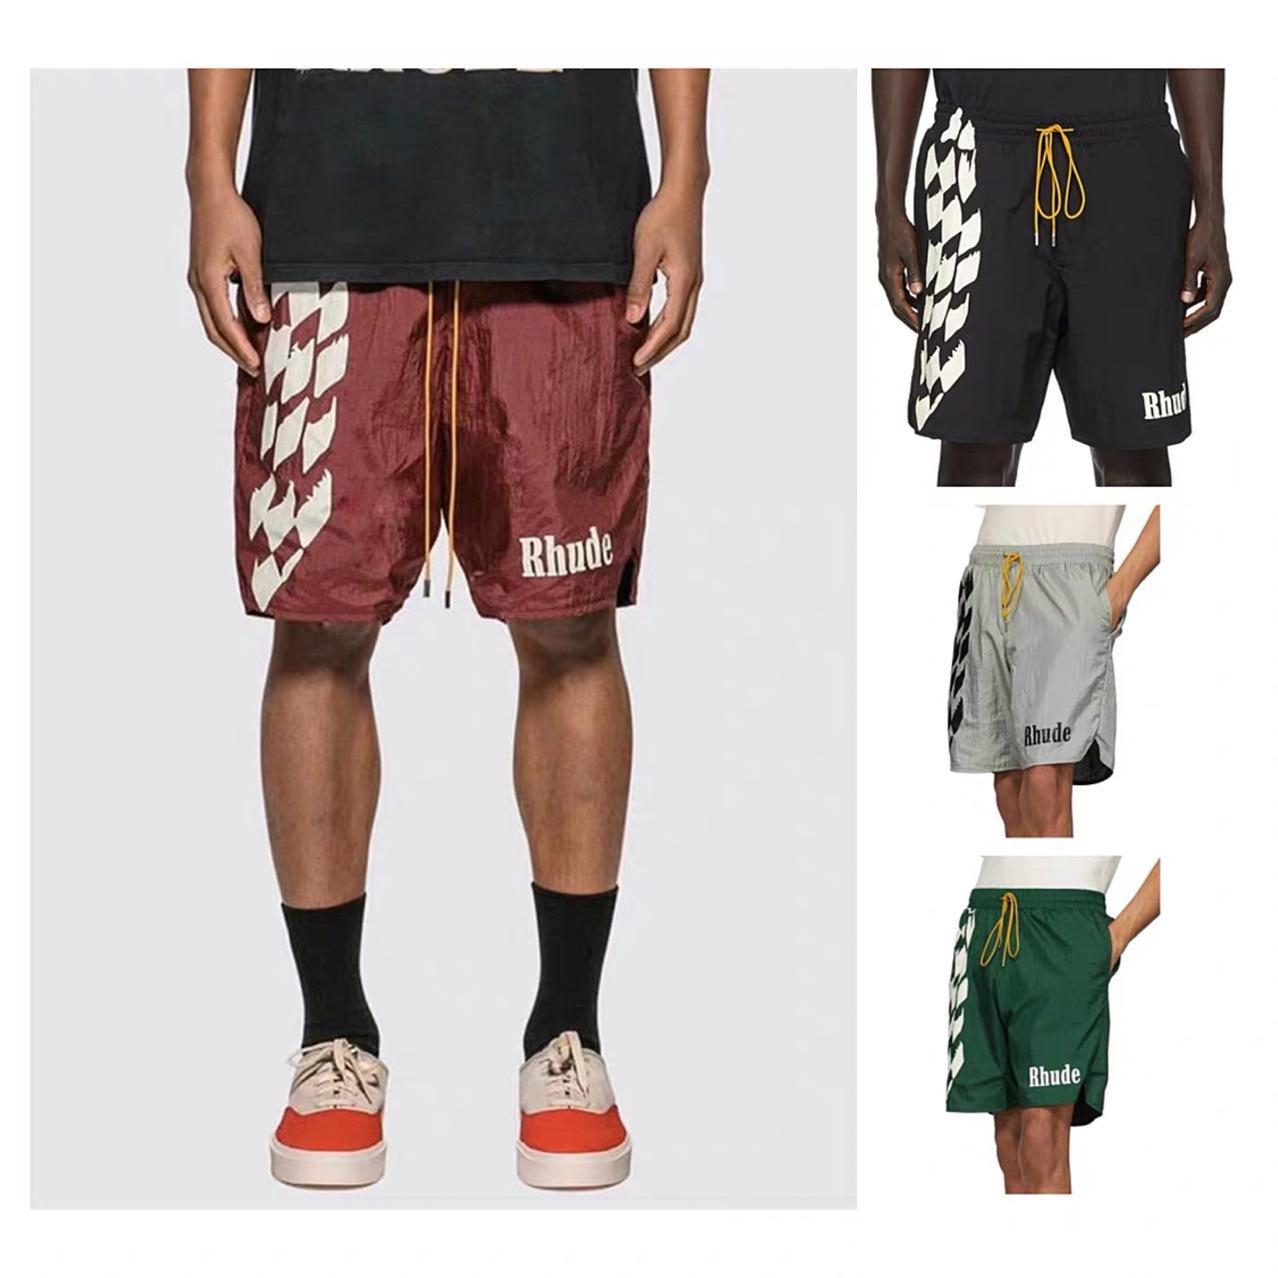 RHUDE 20ss Primavera e Verão New Mens Shorts Designer Pants Checkerboard High Street Tide tendência européia e americana Casal Esportes Shorts